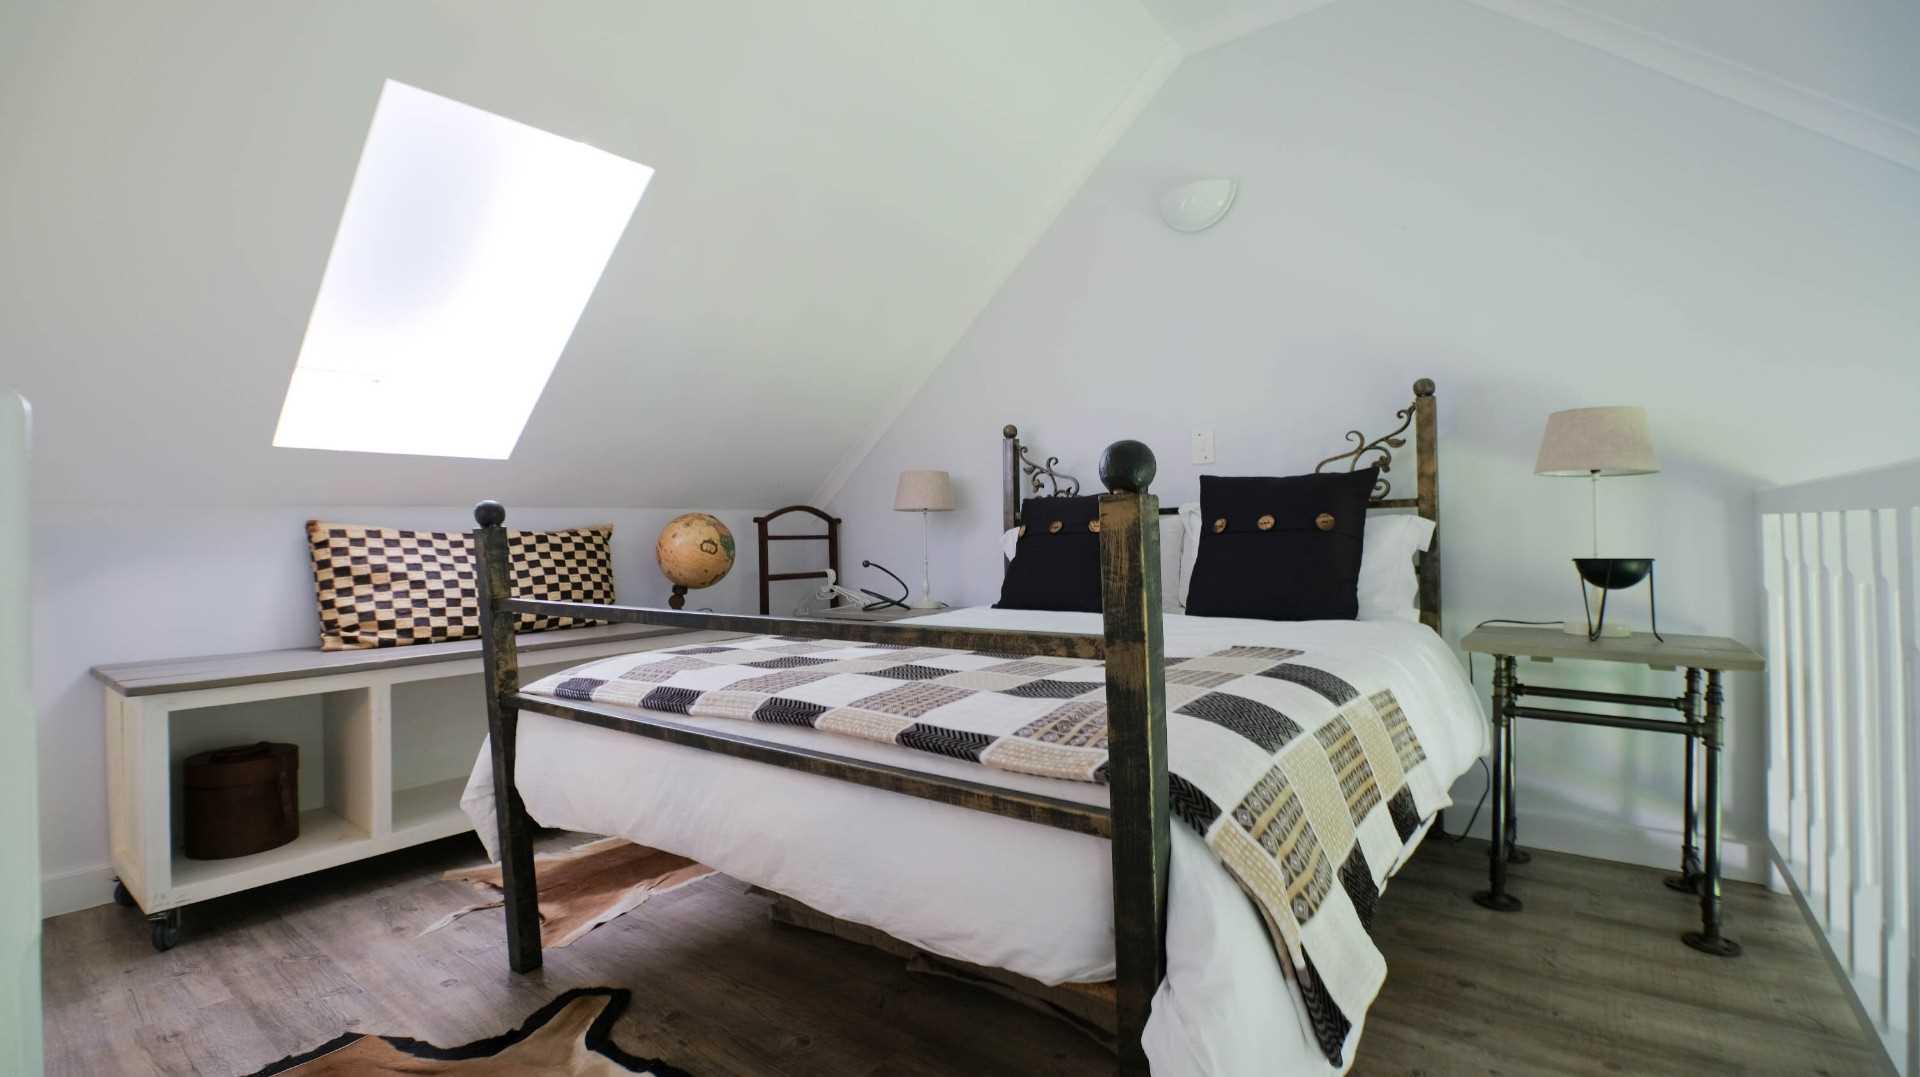 Upstairs loft bedroom